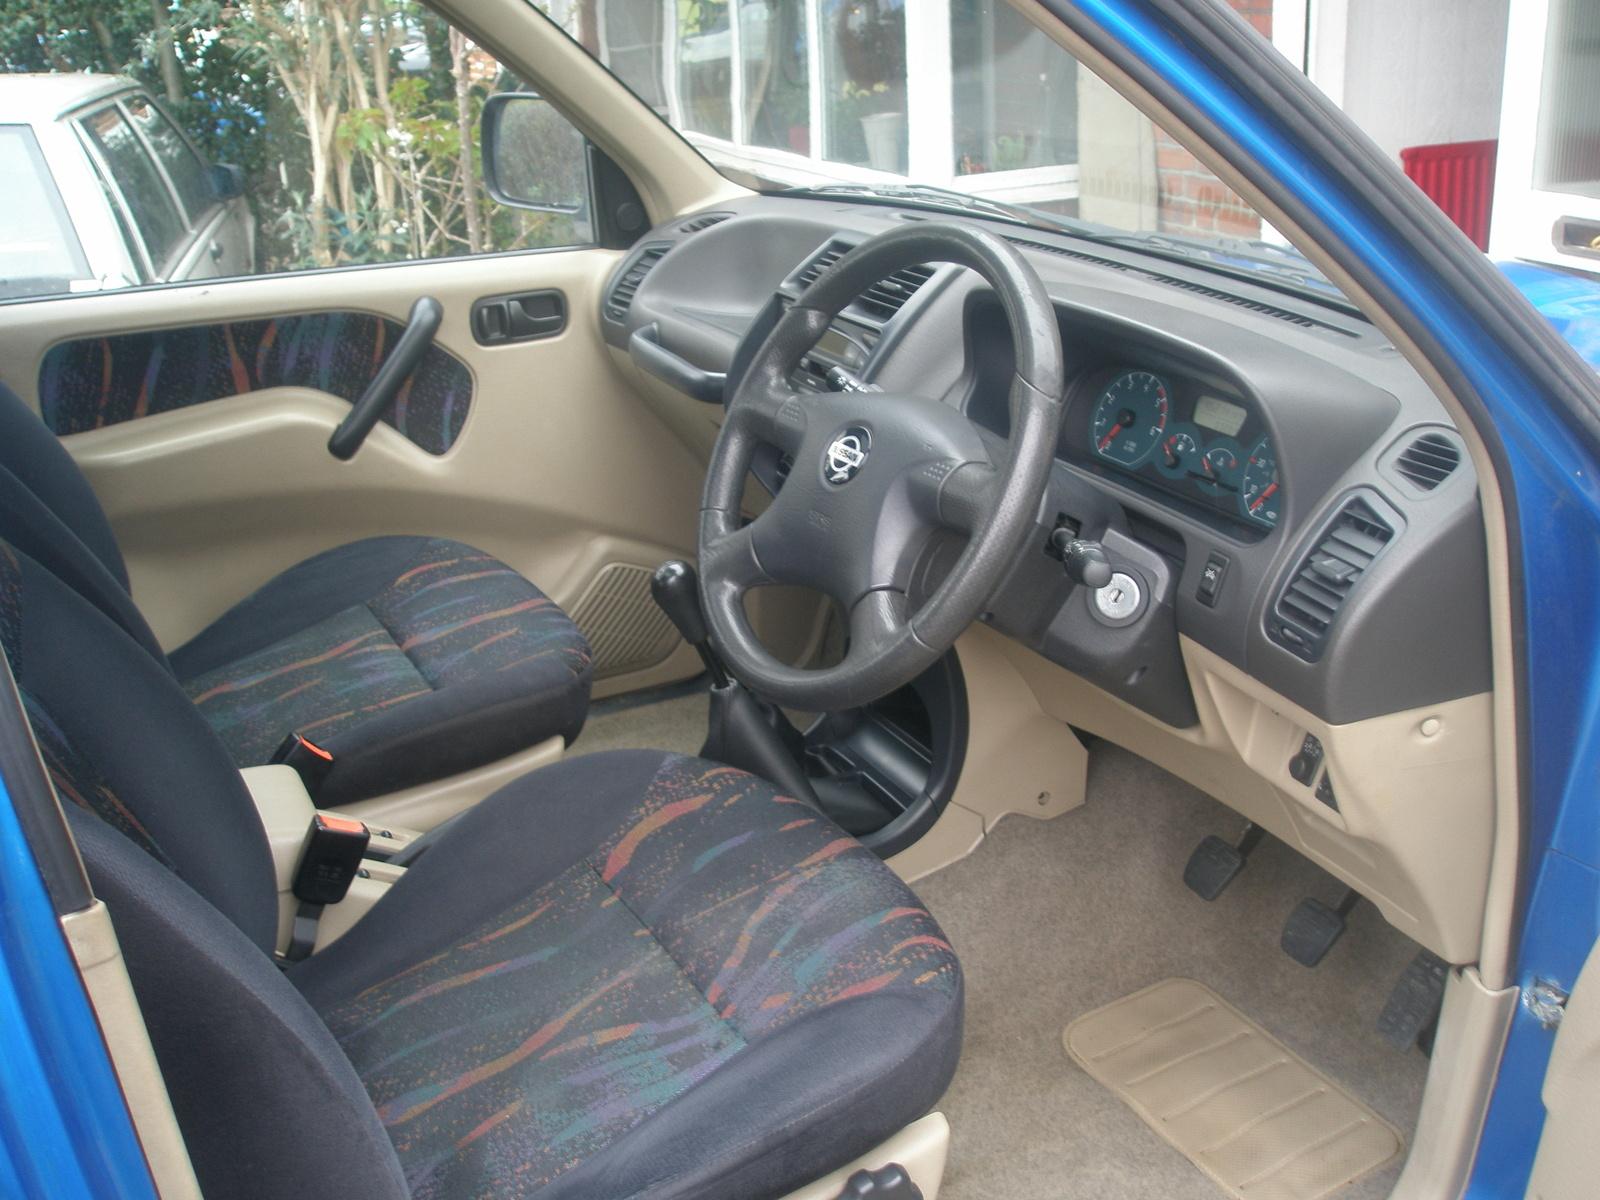 2001 Nissan Terrano II picture, interior